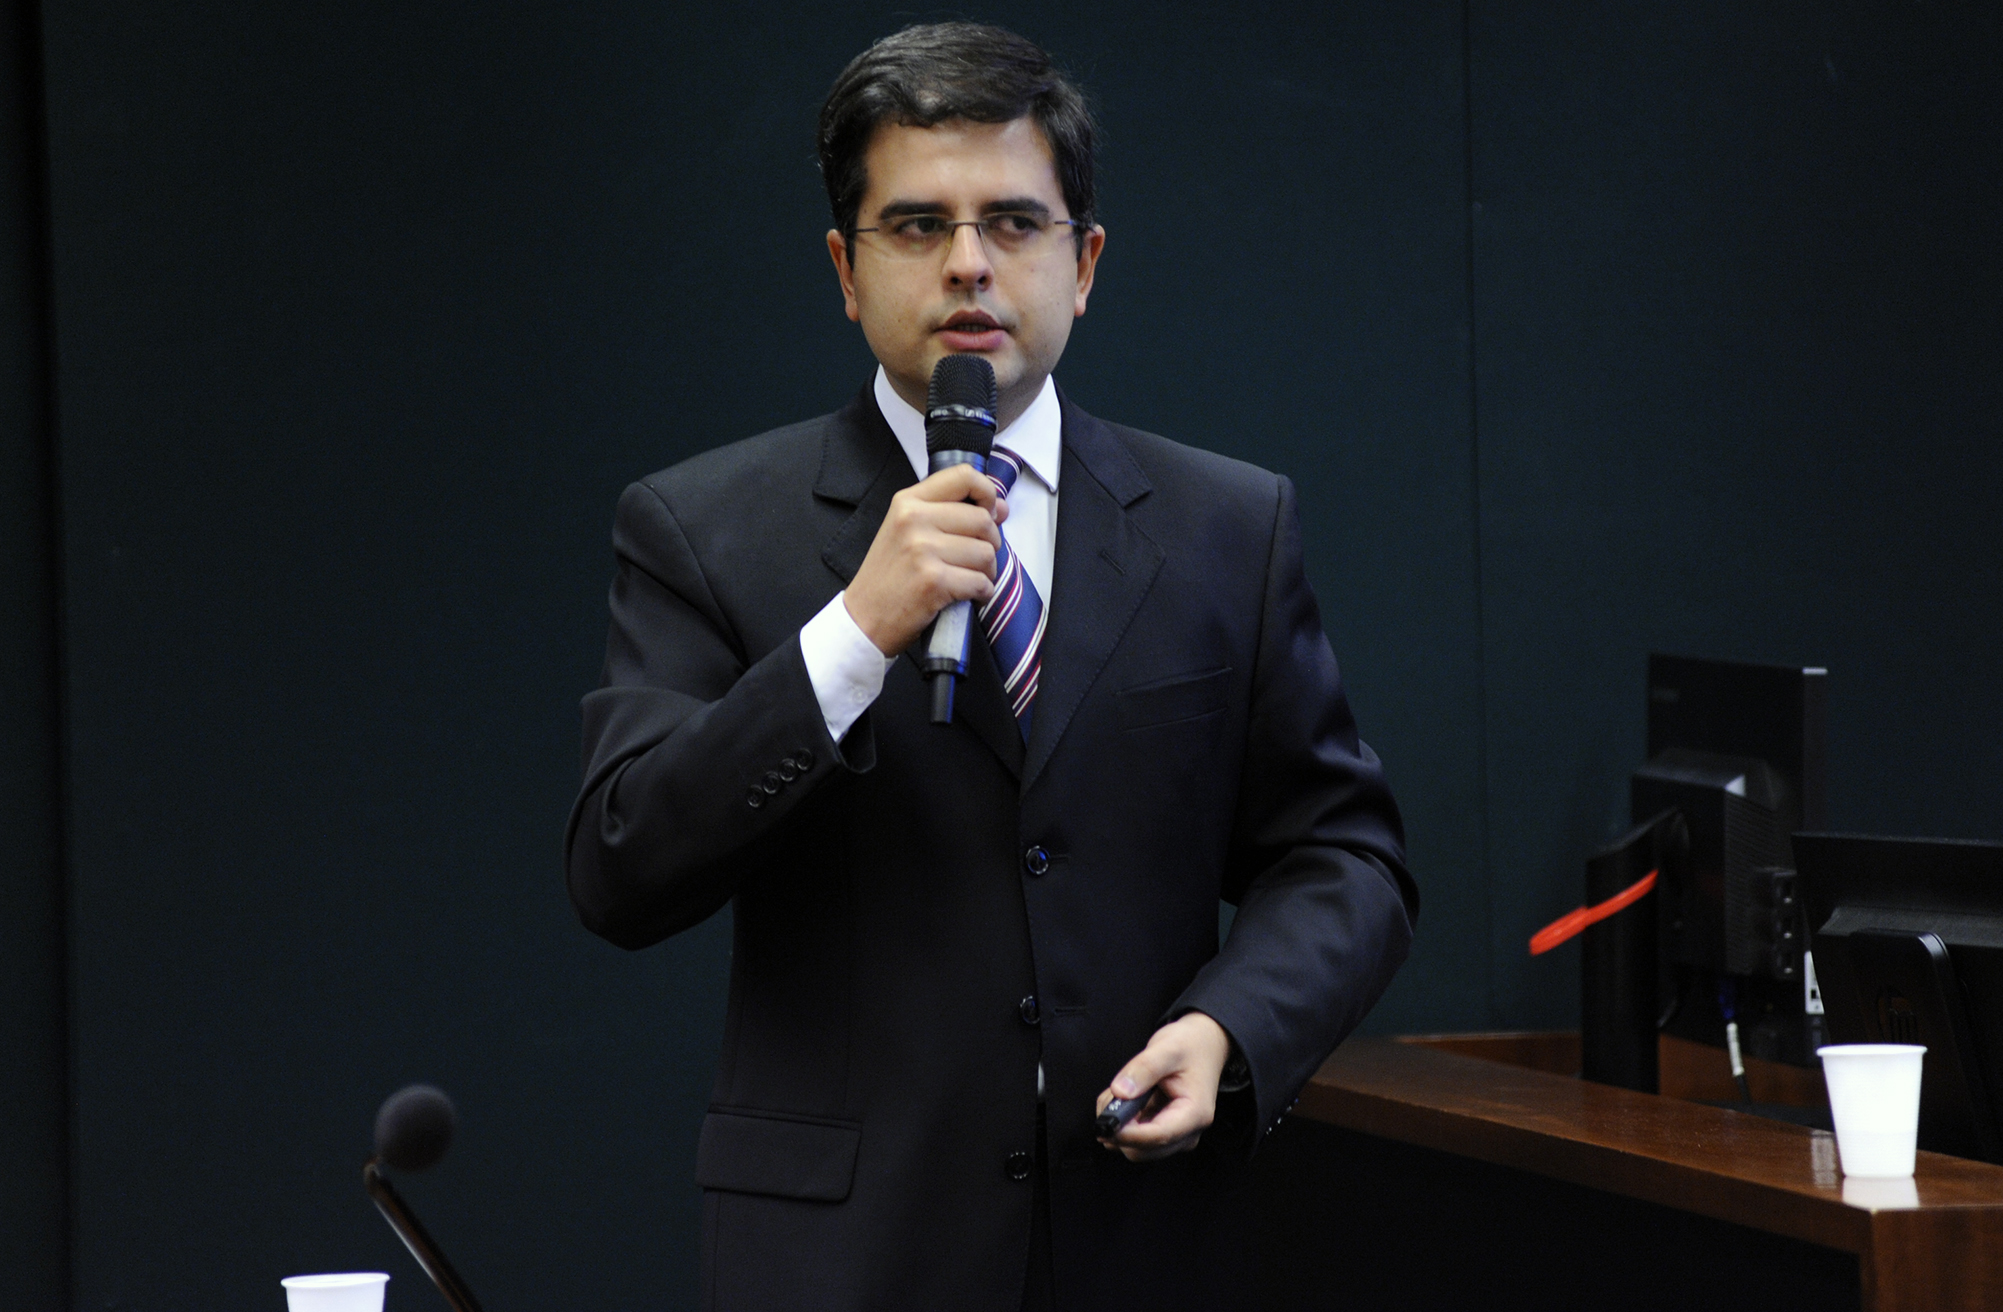 Seminário sobre o jogo Baleia Azul. Diretor Presidente da SAFERNET - BRASIL, Tiago Tavares Nunes de Oliveira